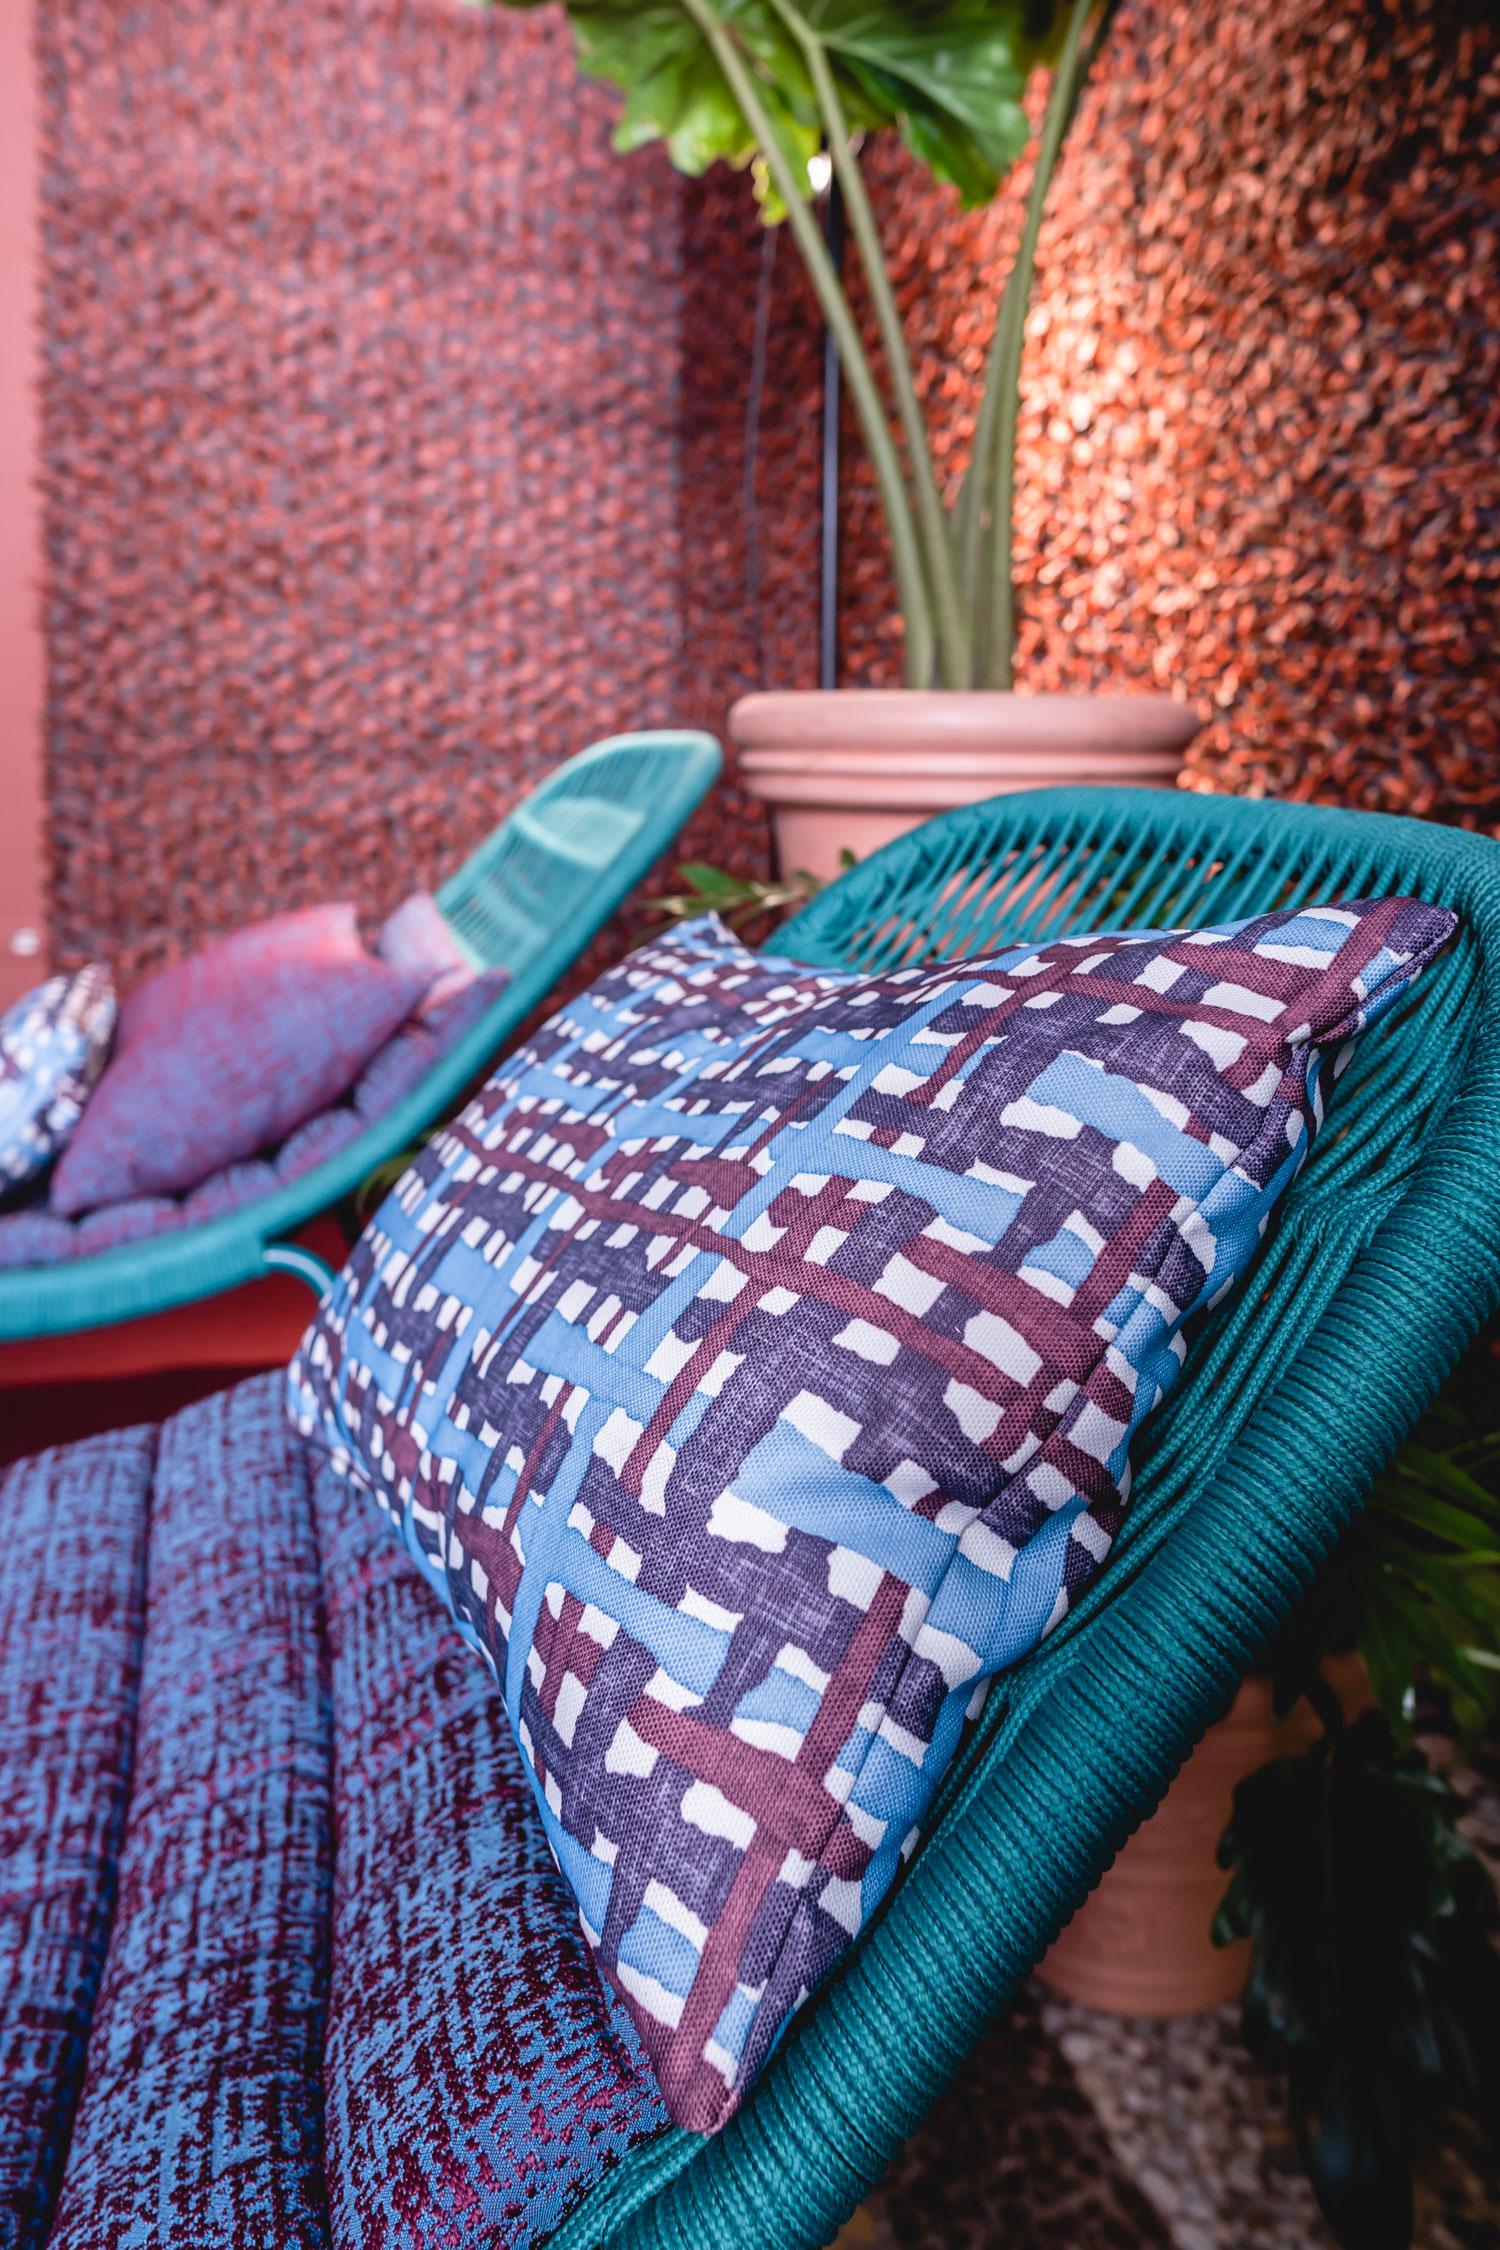 Interior design trends for 2020 - Patterns interior trend - Authentic Interior design studio & blog www.authenticinterior.com